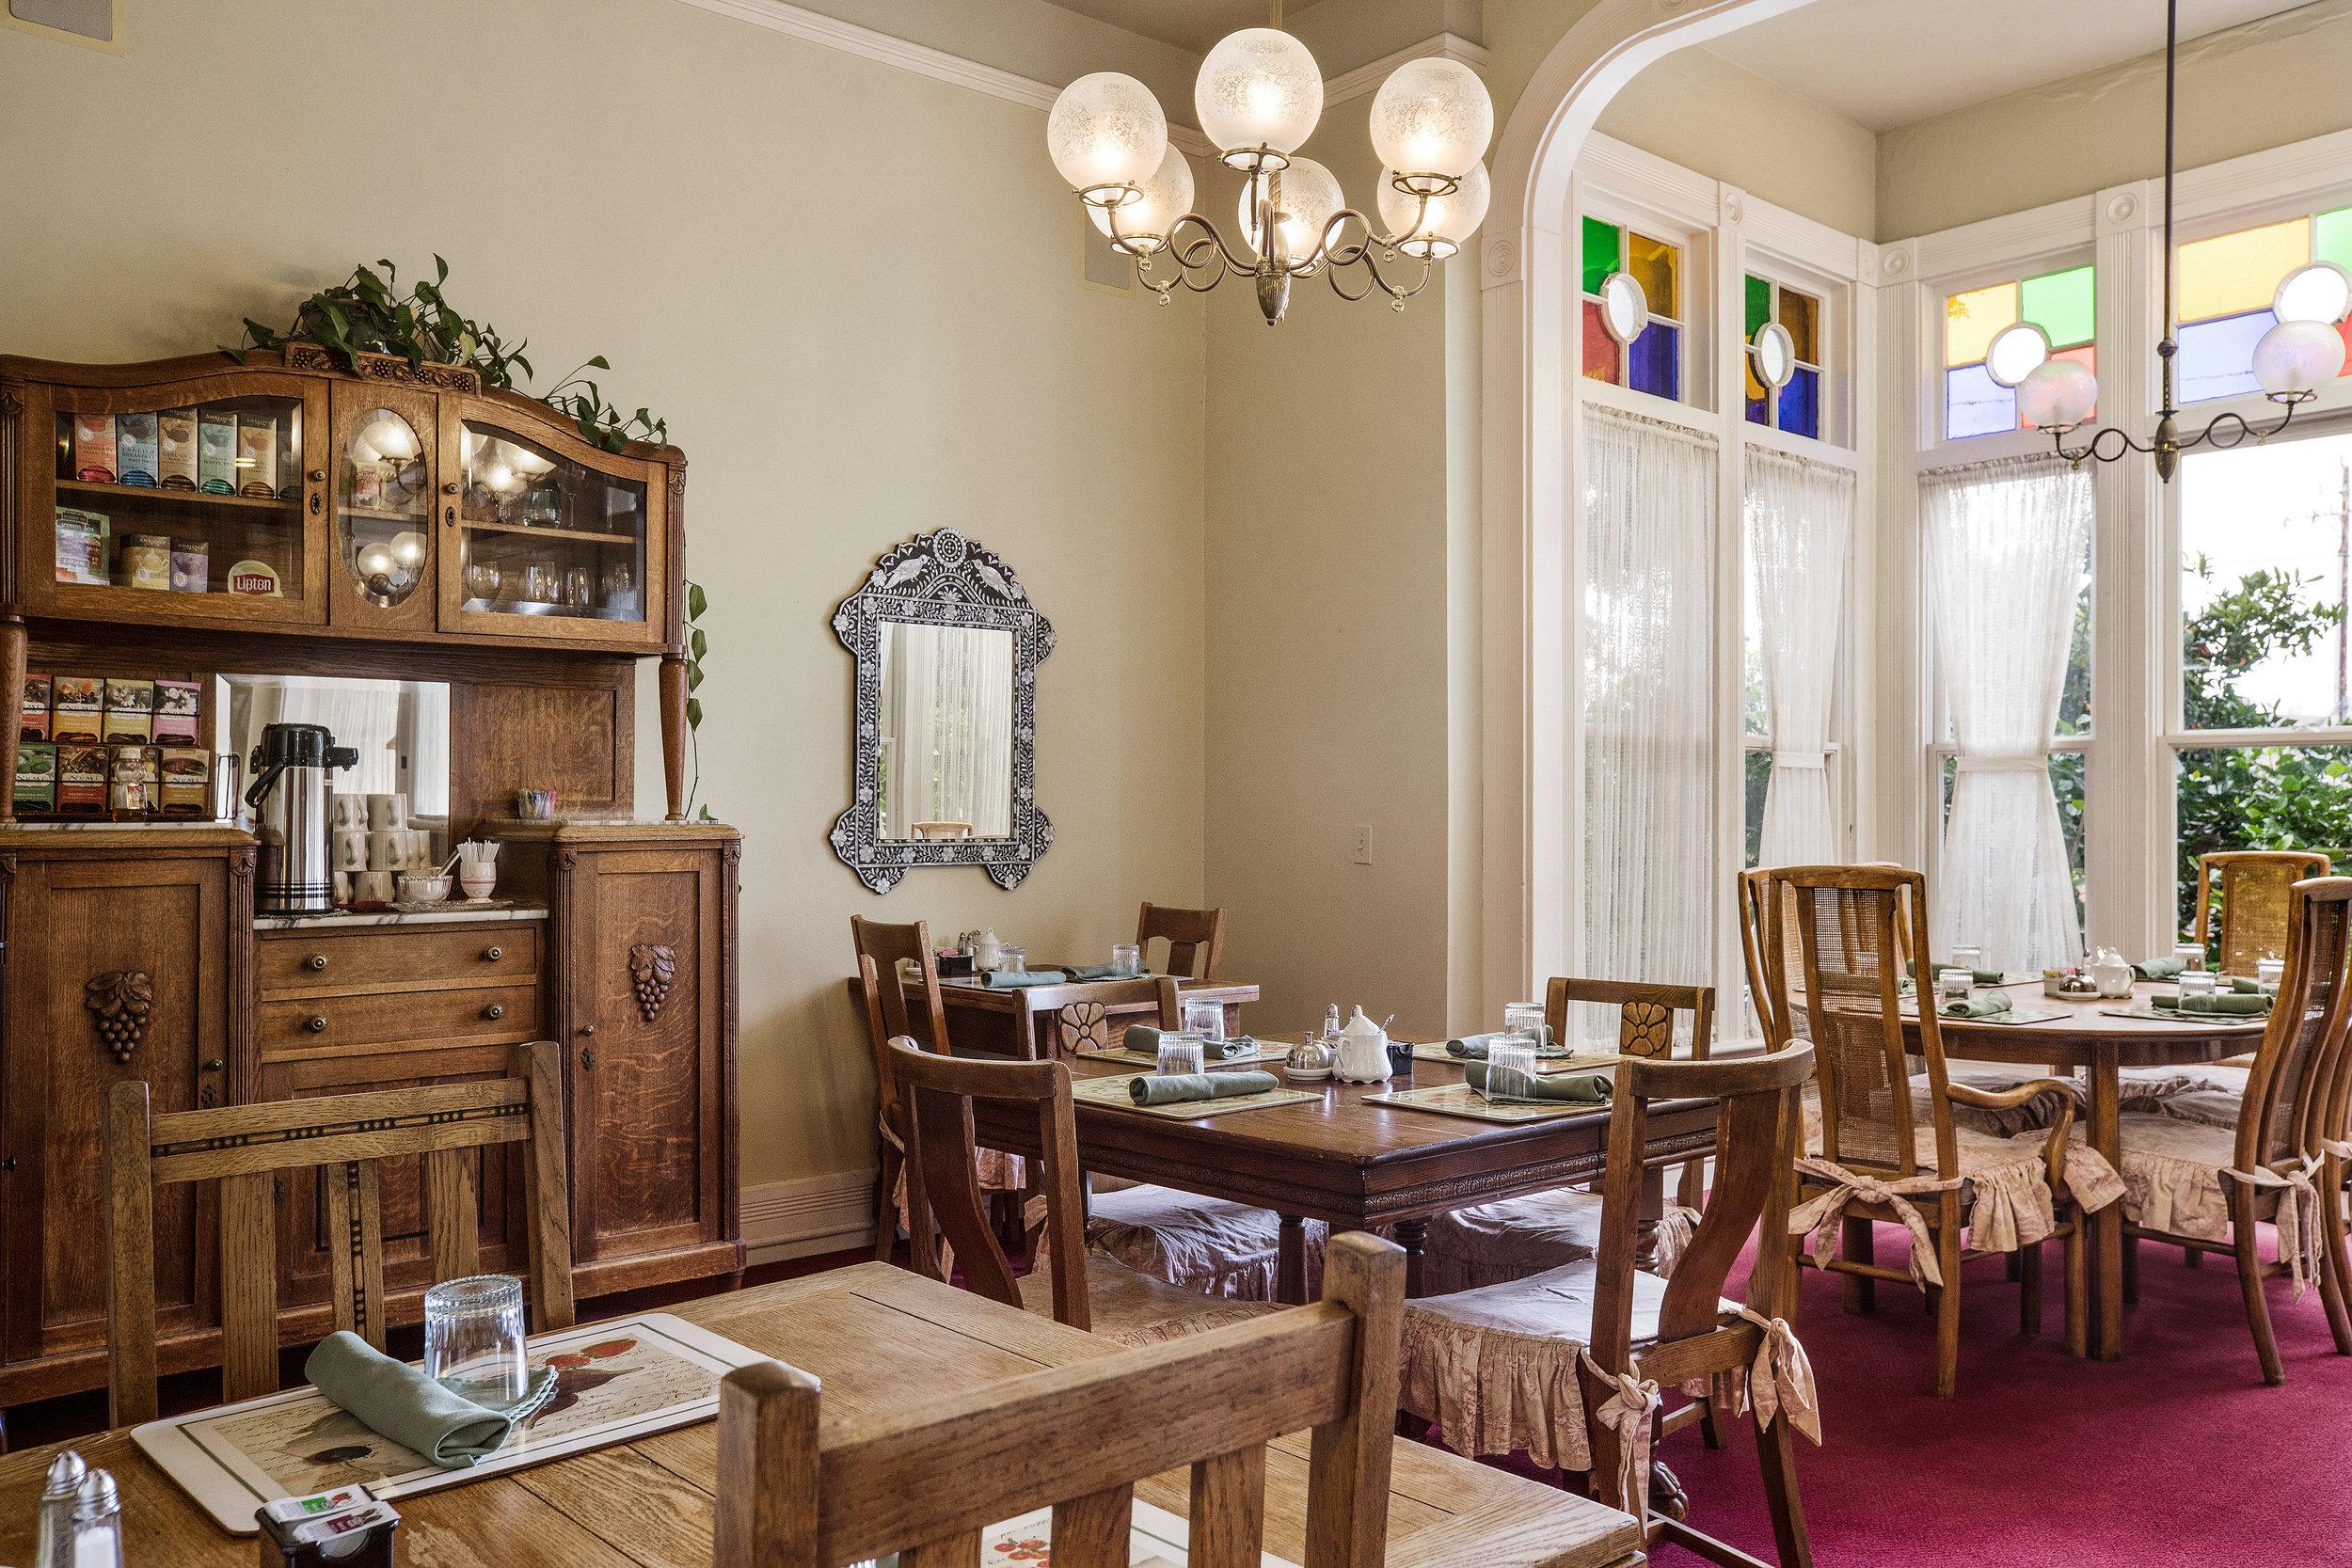 Garden Street Inn dining room